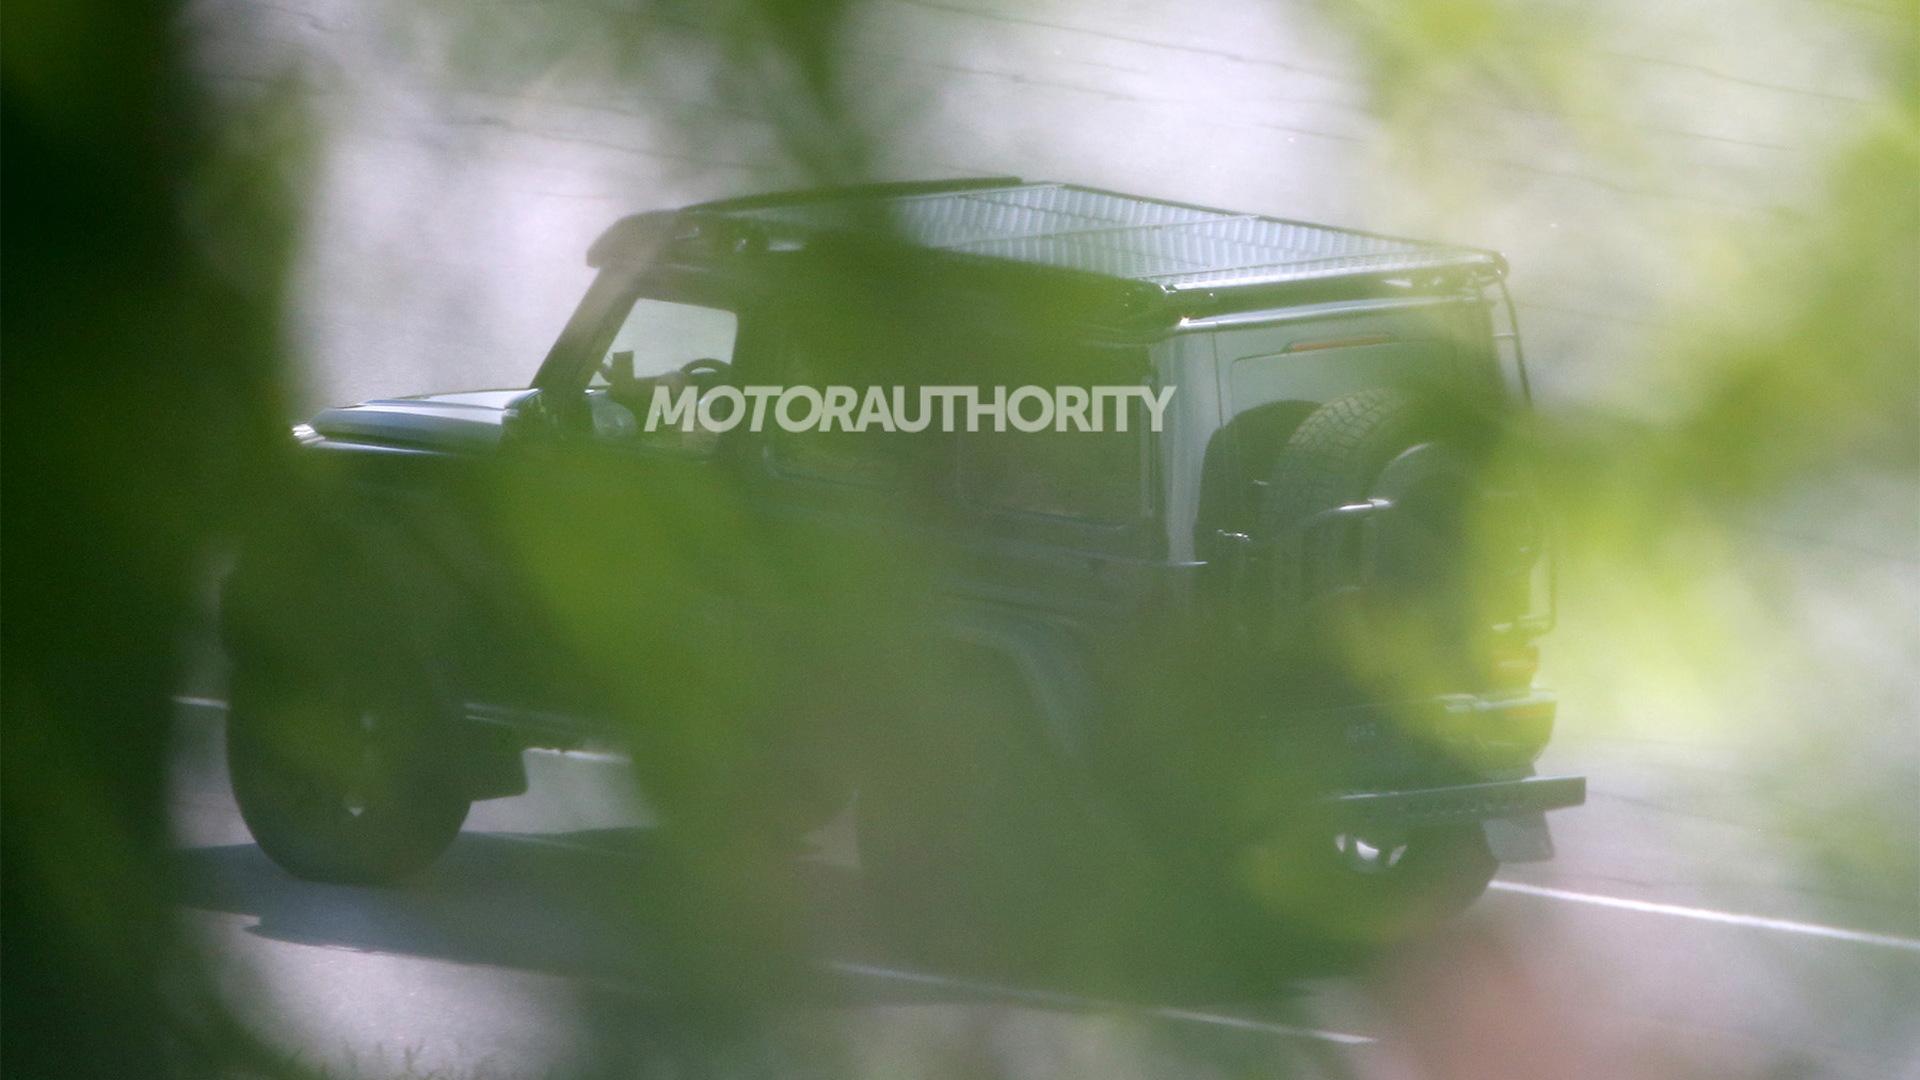 New Mercedes-Benz G550 4x4 Squared spy shots - Photo credit: S. Baldauf/SB-Medien